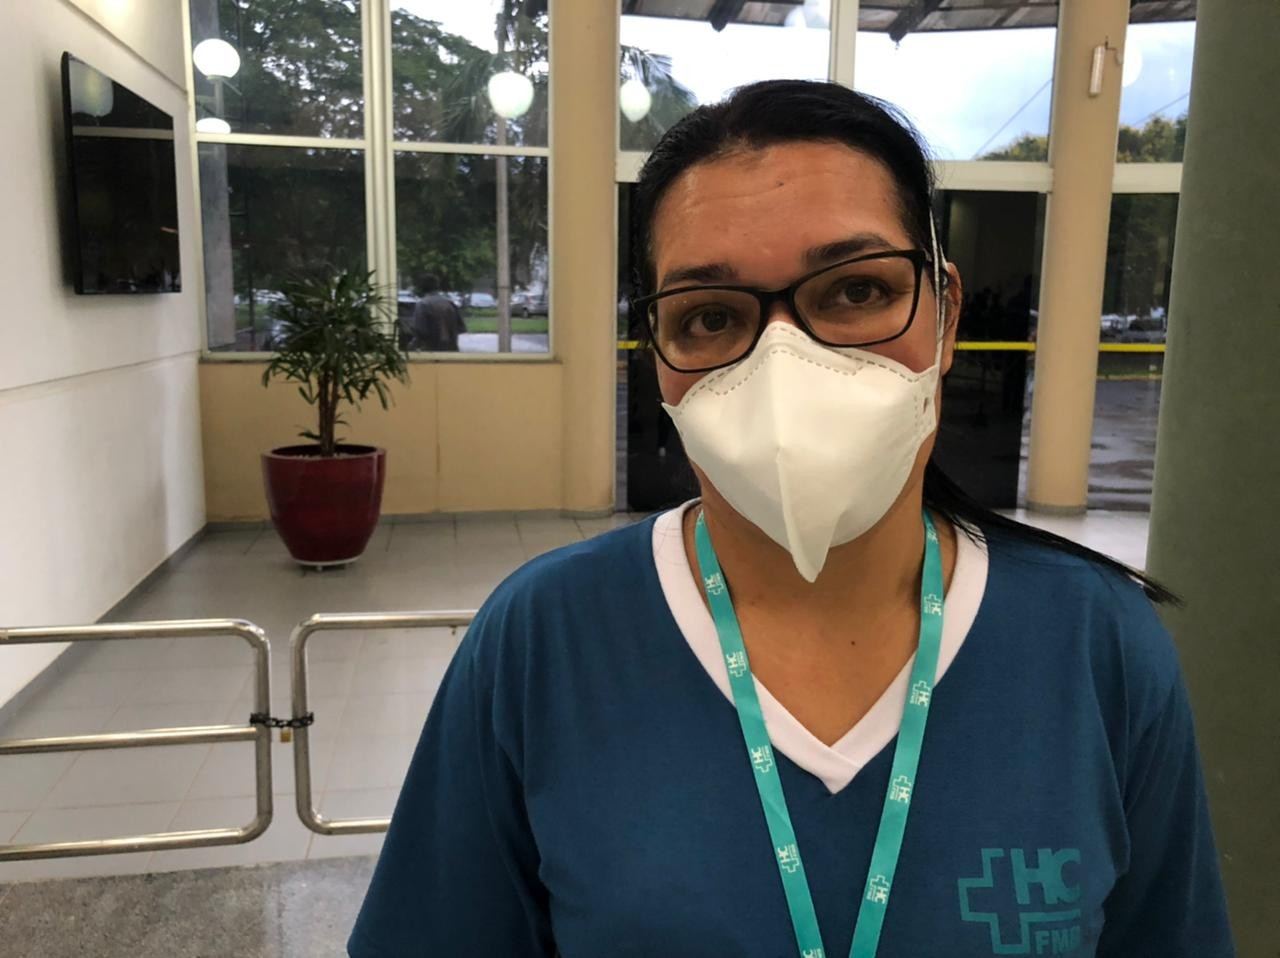 Técnica de enfermagem vacinada lembra que marido morto pela Covid pediu para ela não desistir da profissão: 'Coração emocionado'